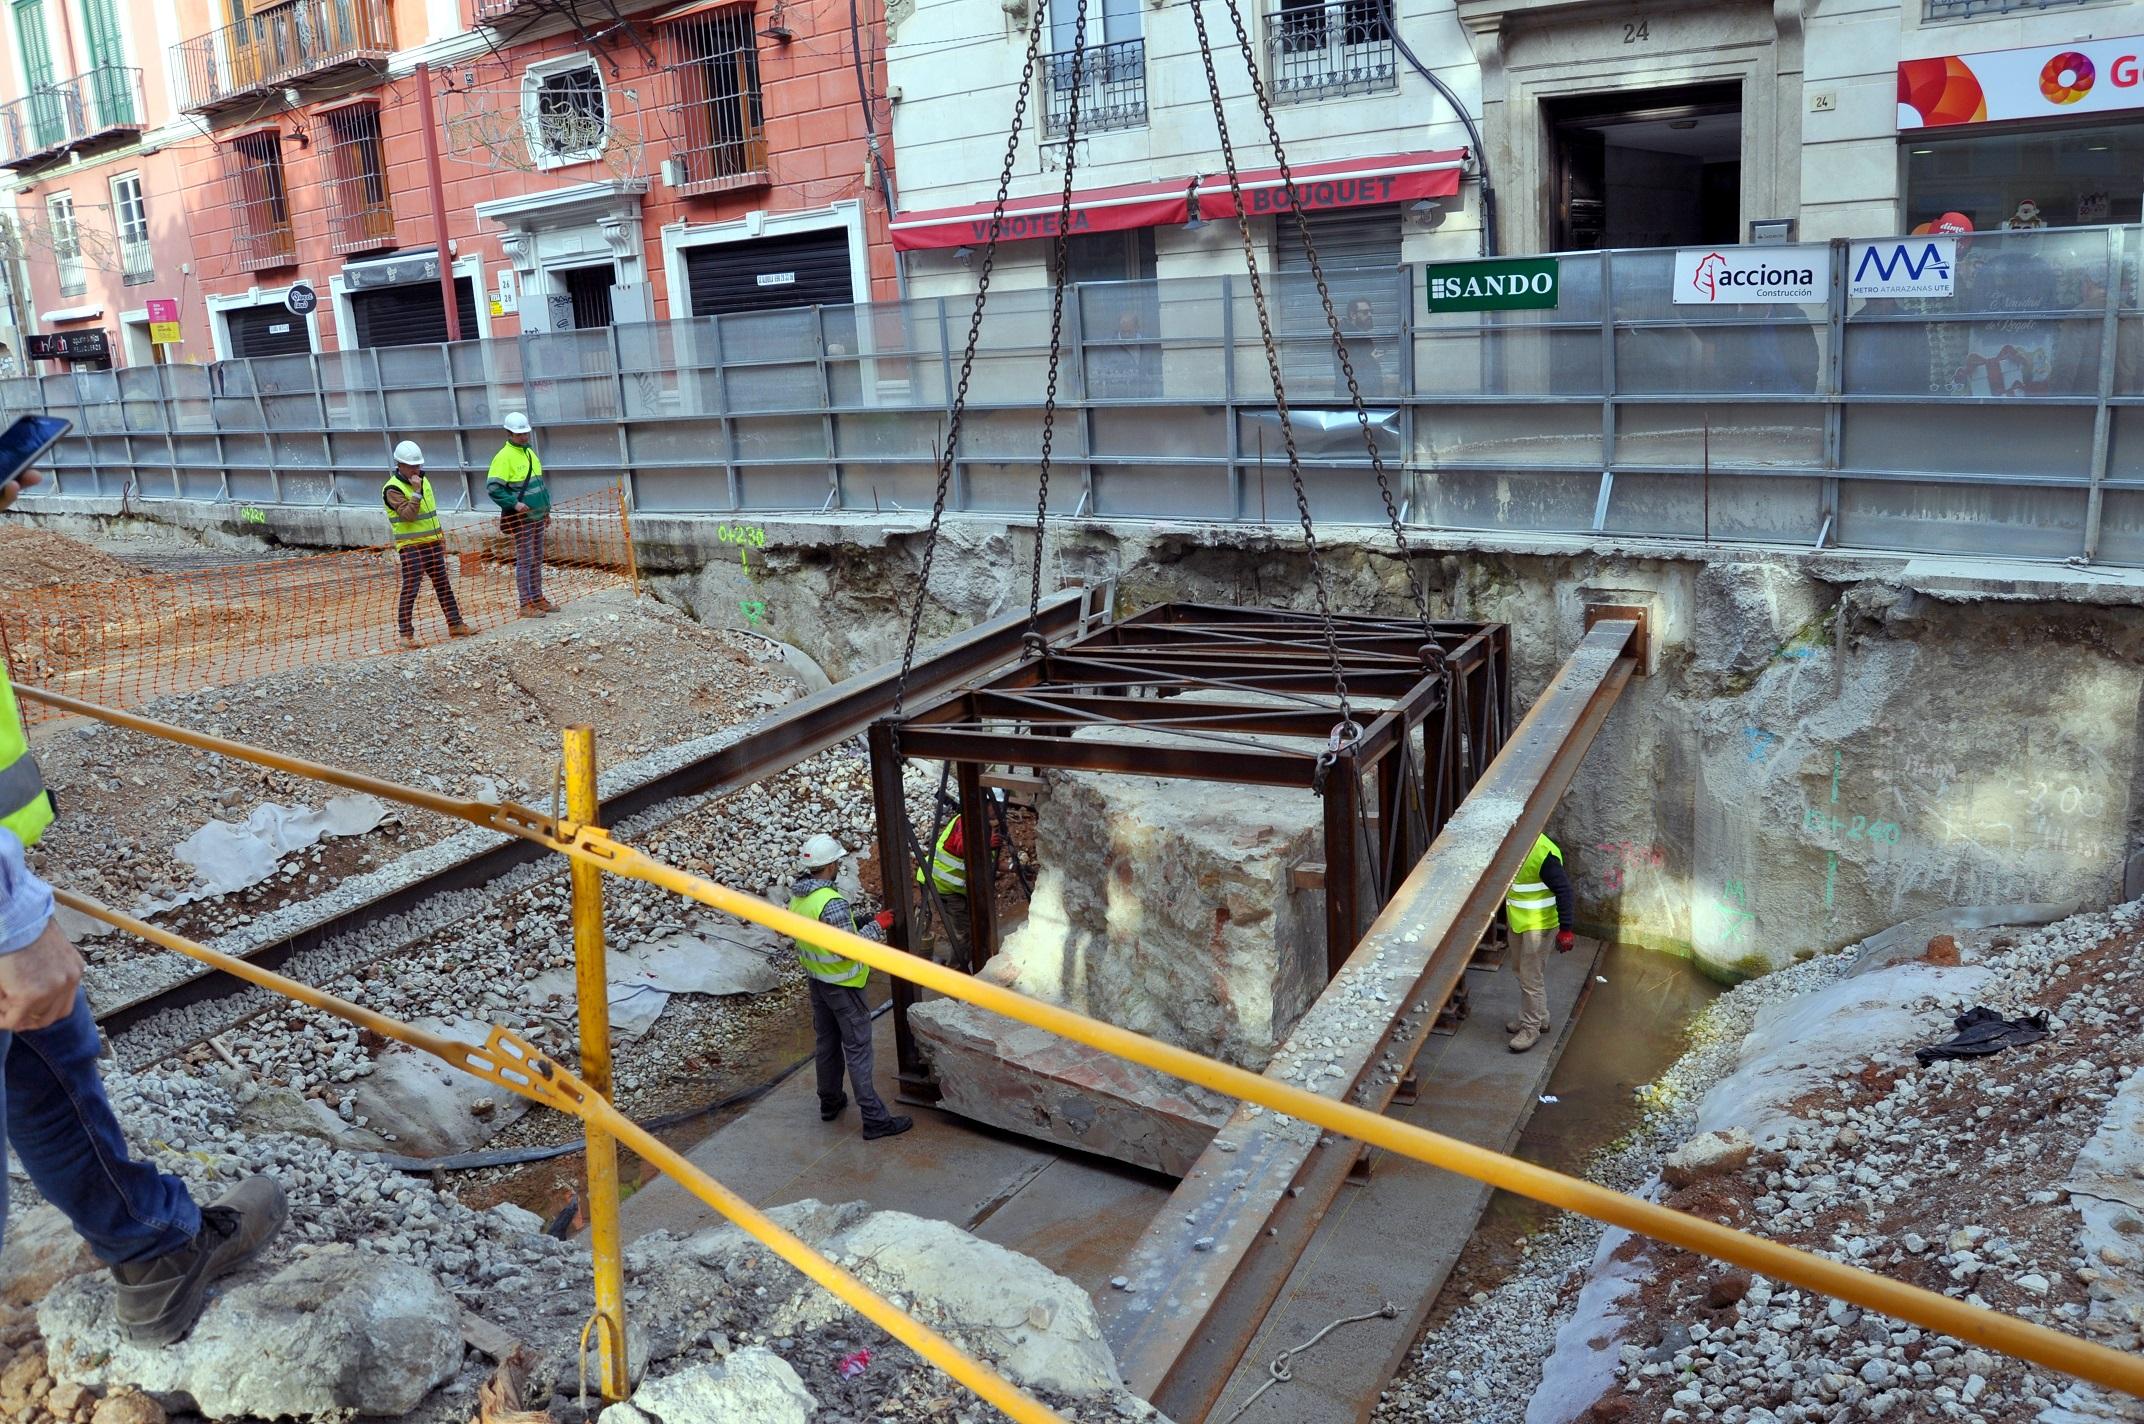 El operativo se ha llevado a cabo hoy, un día después de la retirada del segmento del muro oeste.